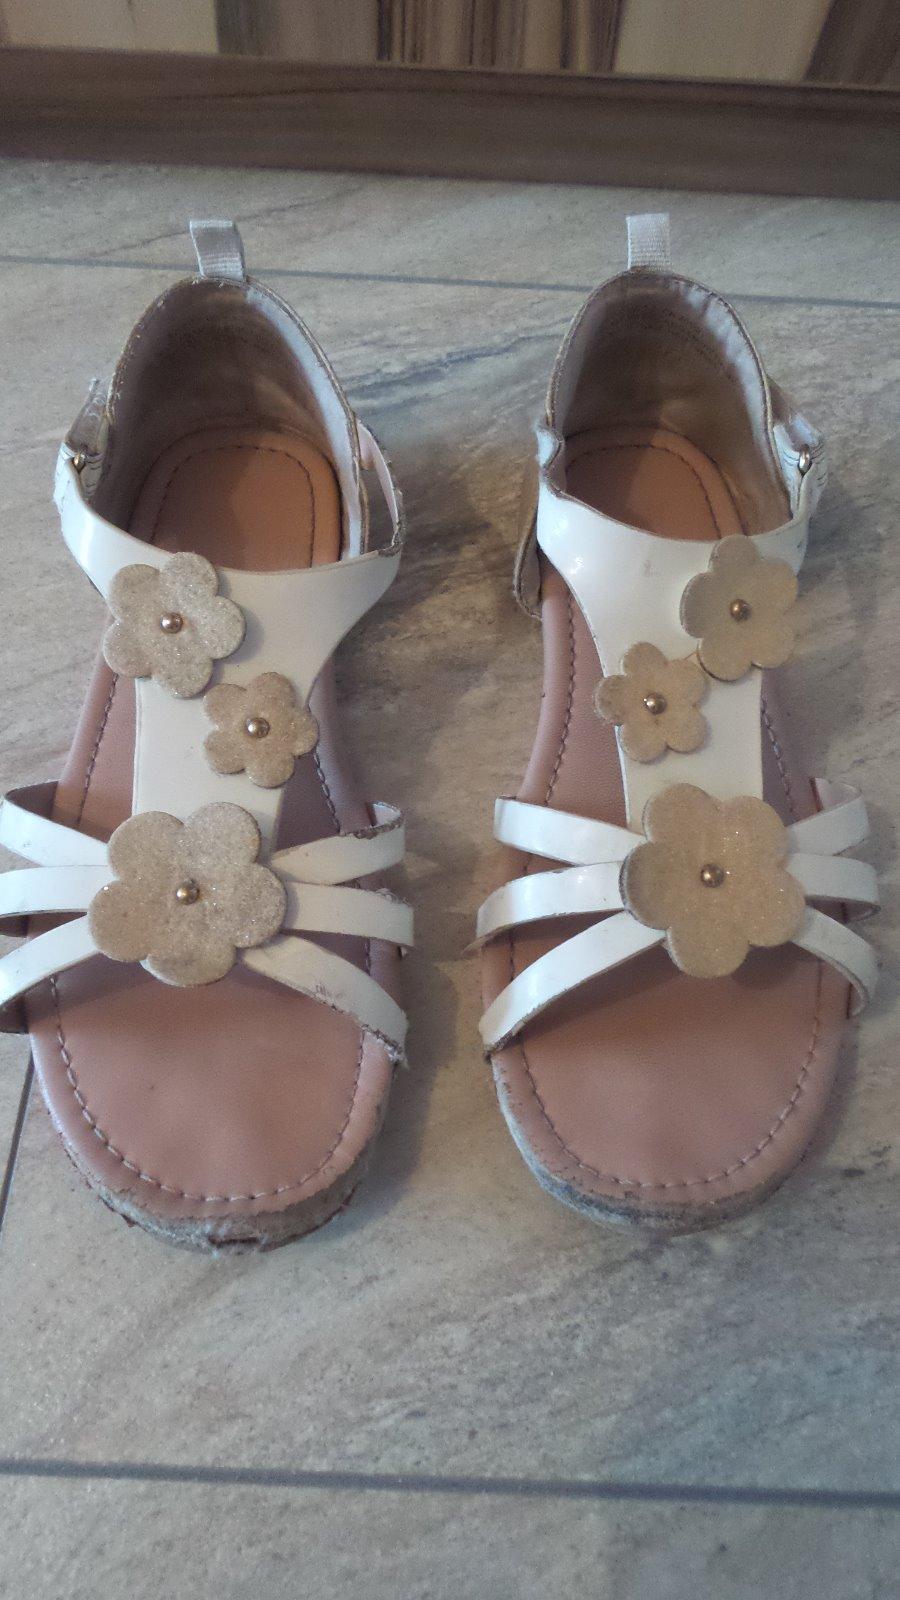 e6a7a3e3a7ed6 Biele sandálky, h&m,33 - 1 € od predávajúcej nikush29 | Detský bazár ...